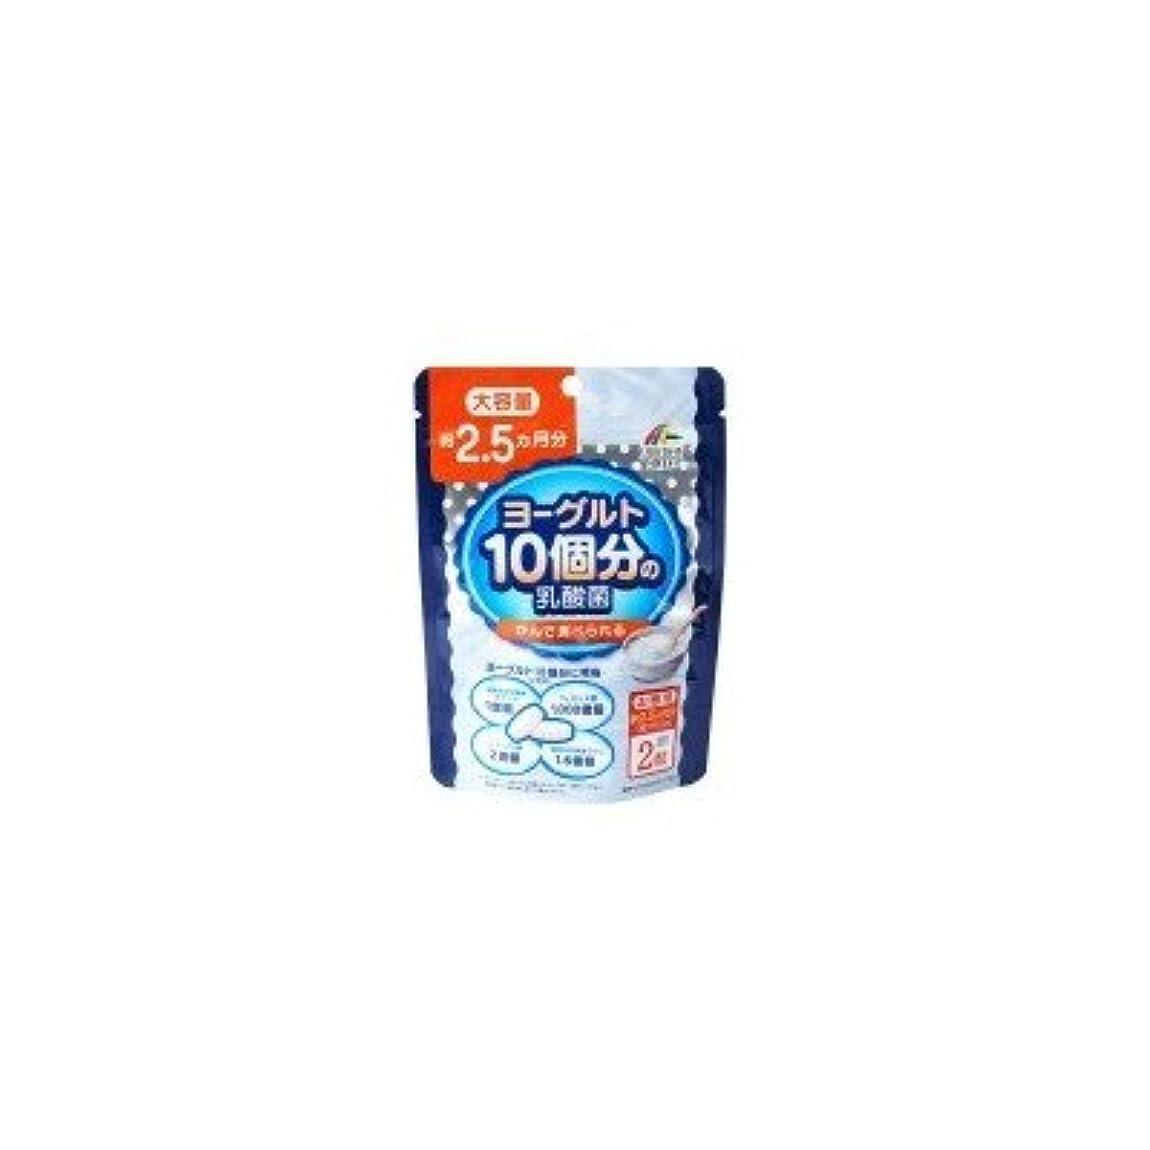 フロントパイント誕生ヨーグルト10個分の乳酸菌 大容量 30.8g(200mg×154粒)